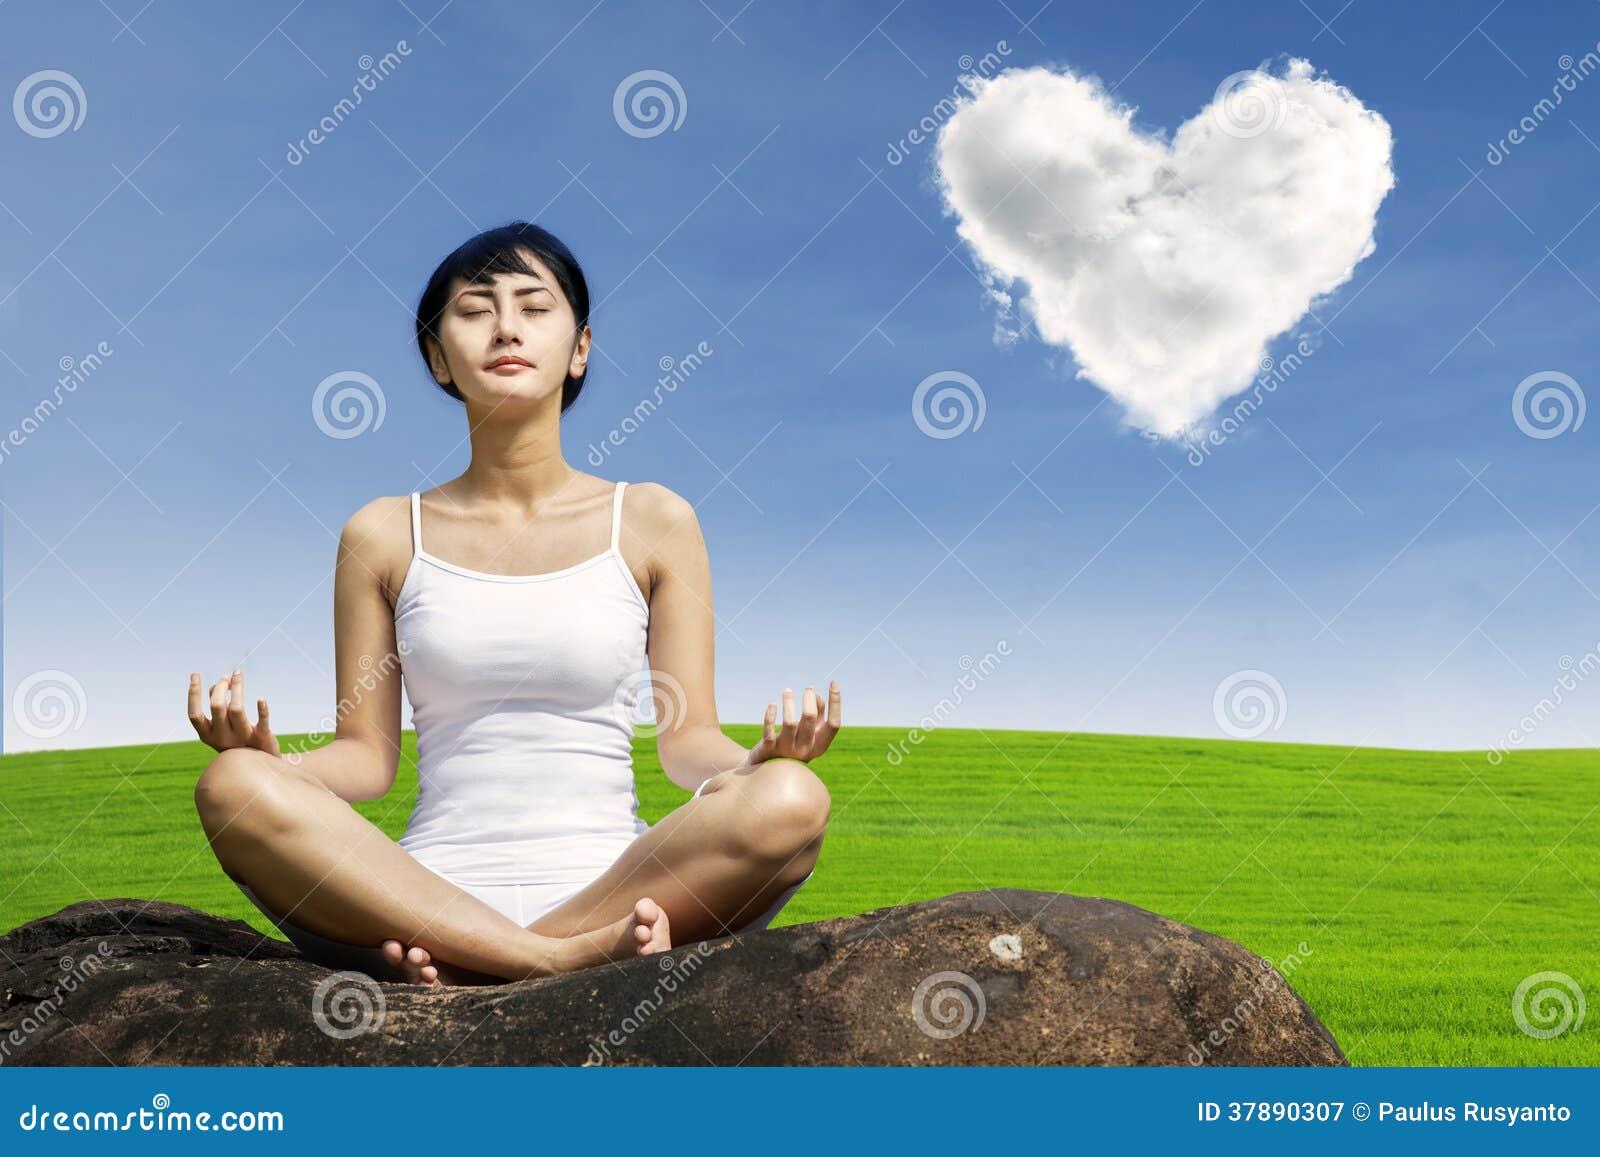 Aziatische vrouw die bij groen gebied mediteren